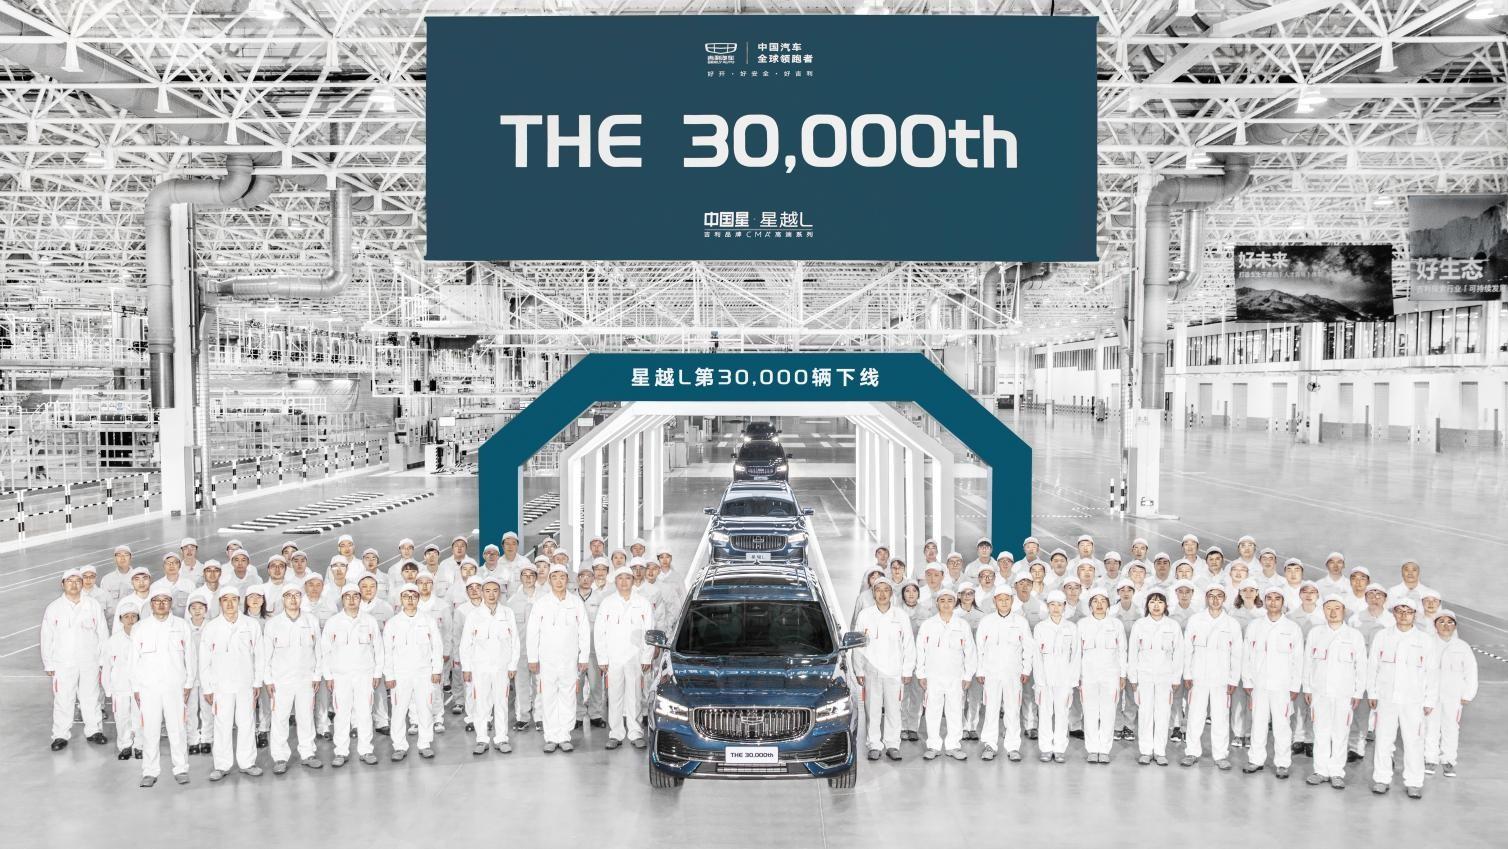 第3万辆吉利星越L在全球首个超级智能黑灯工厂下线